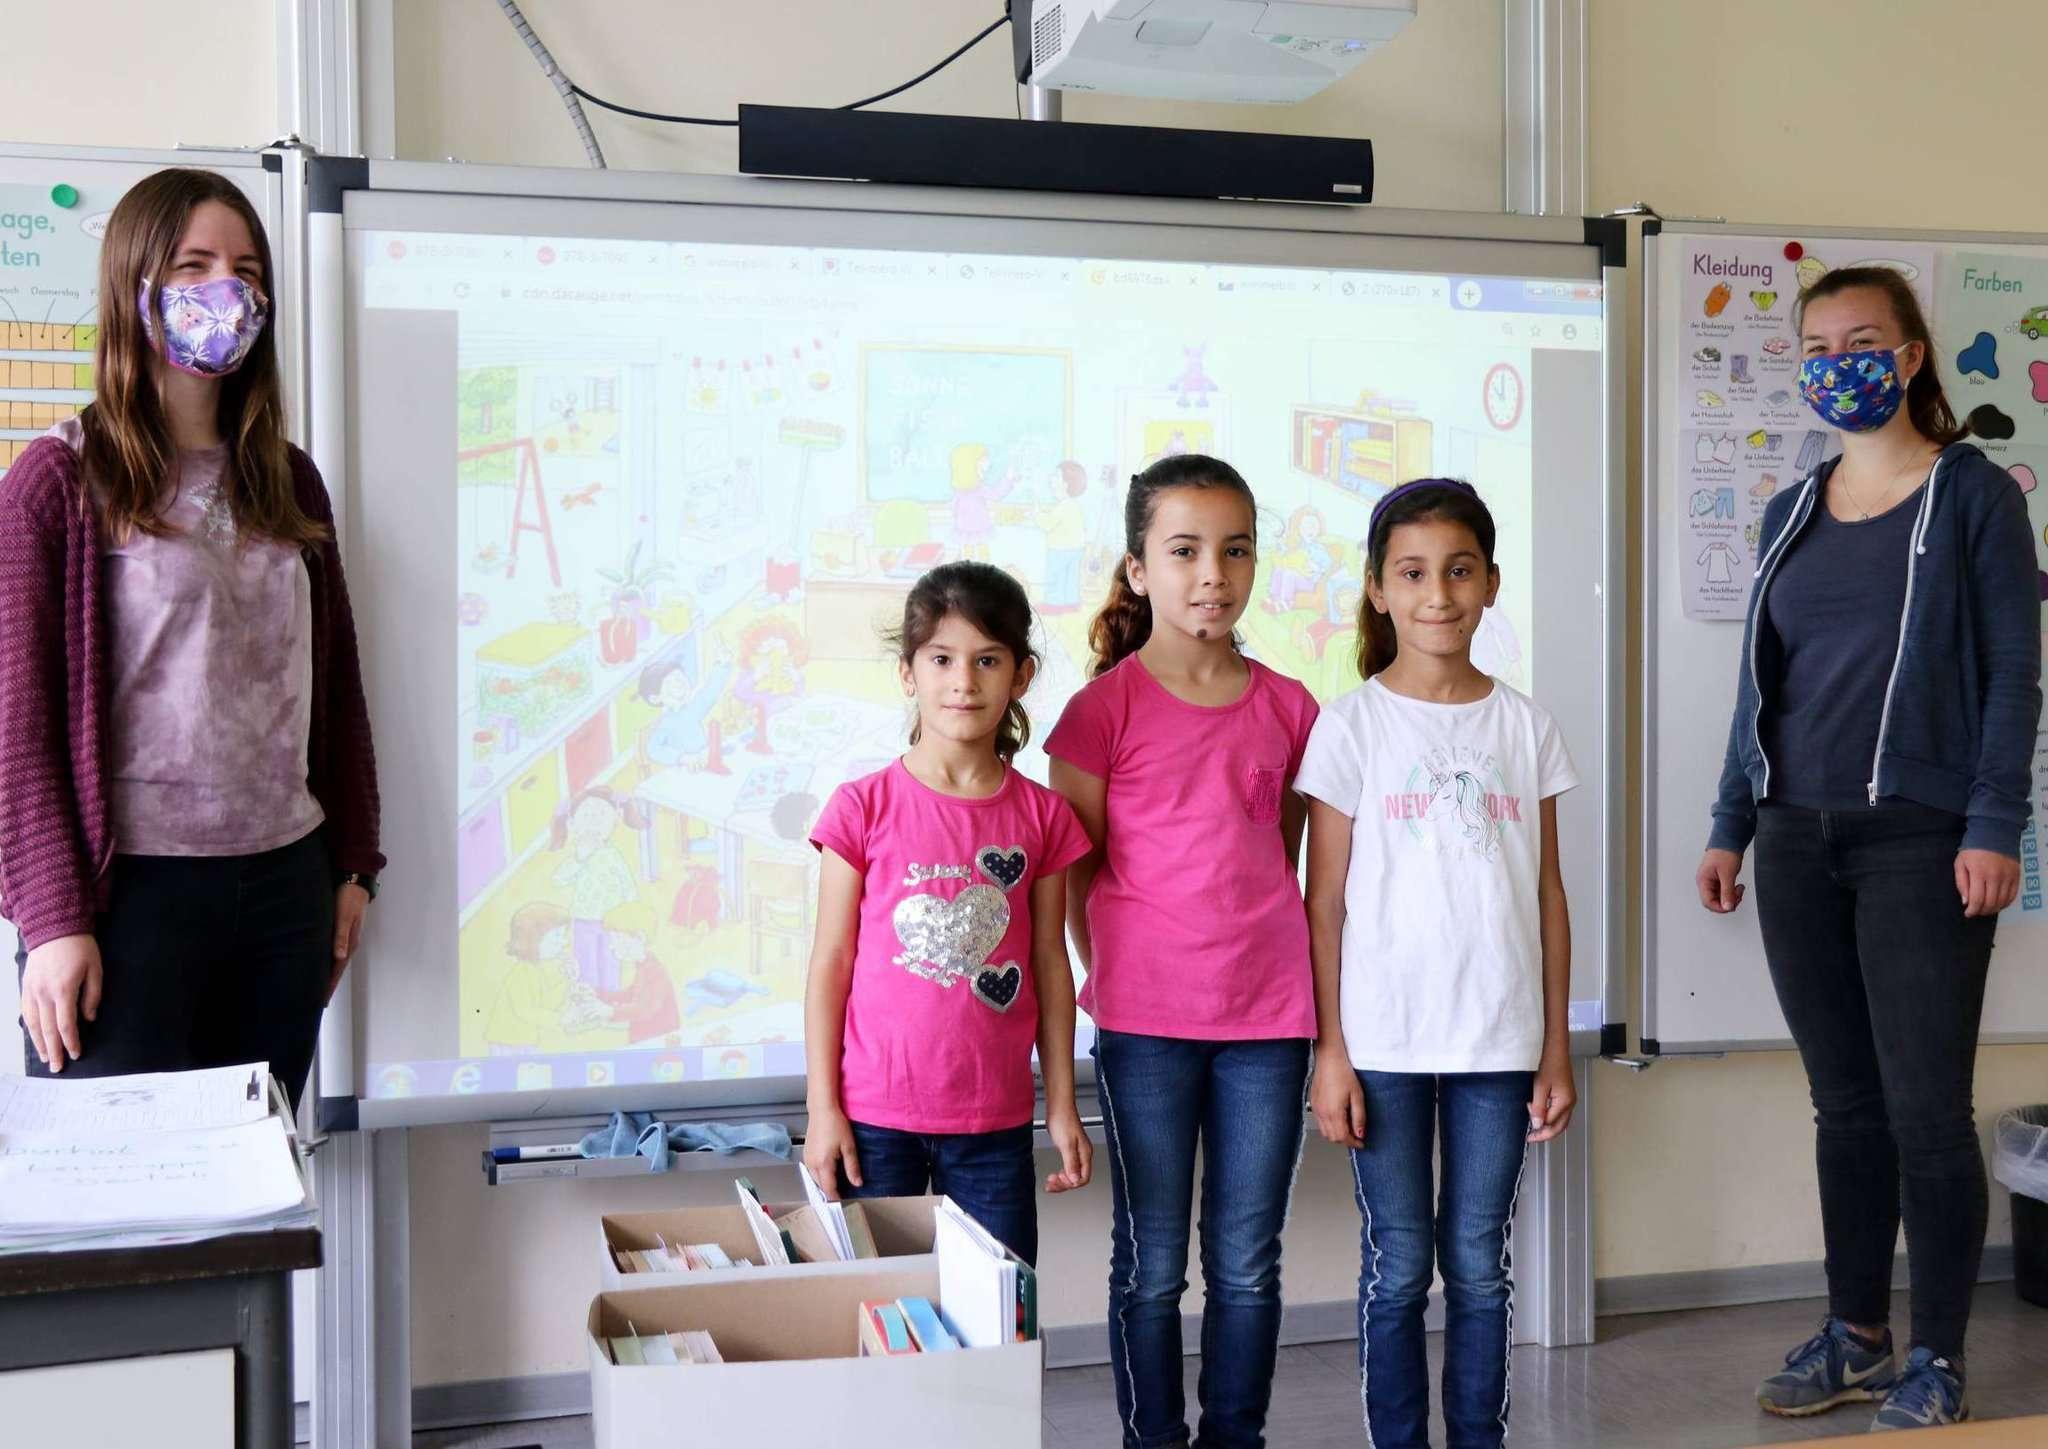 Die Referandarinnen Elea Renken (links) und Nele Nareyke (rechts) helfen Widaa (zweite von links), Safa und Satira beim Deutschlernen. Fotos: Nina Baucke